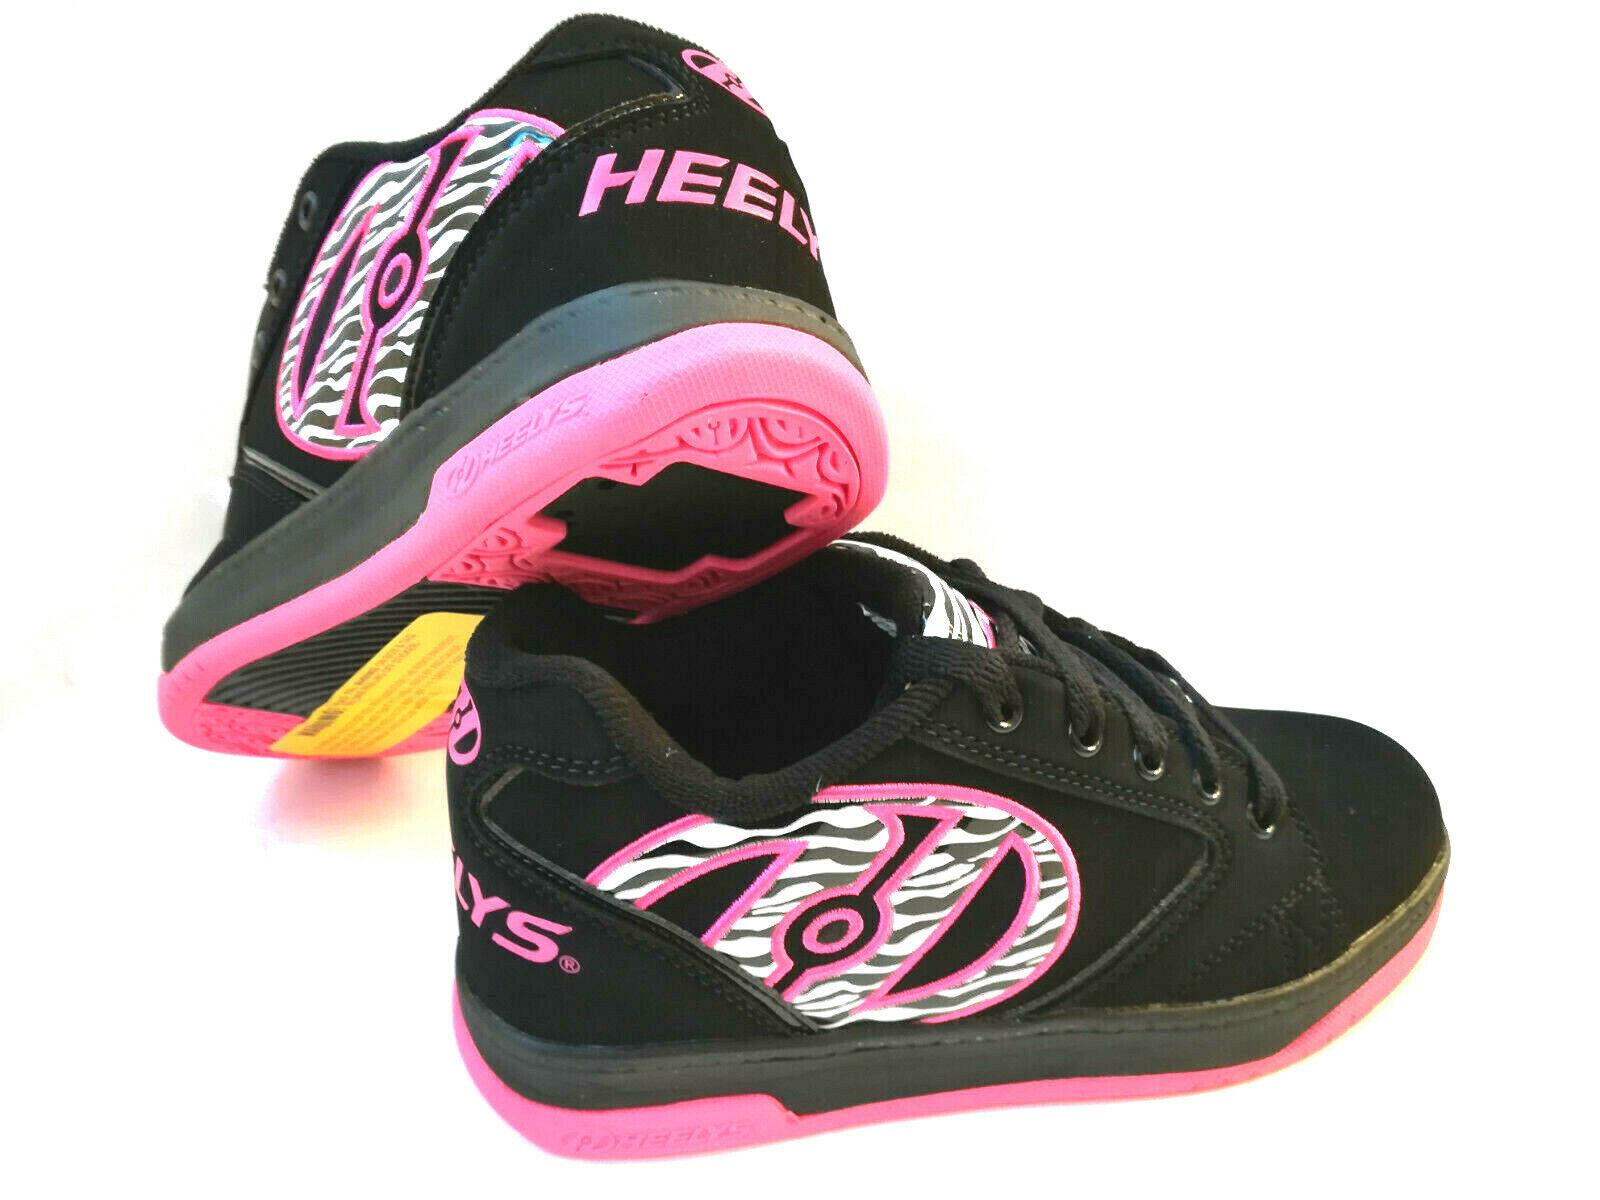 Heelys Propel 2.0 blackhot pink Zebra Schuh mit Rollen Heelies Sneakers Gr. 34 | Funsport